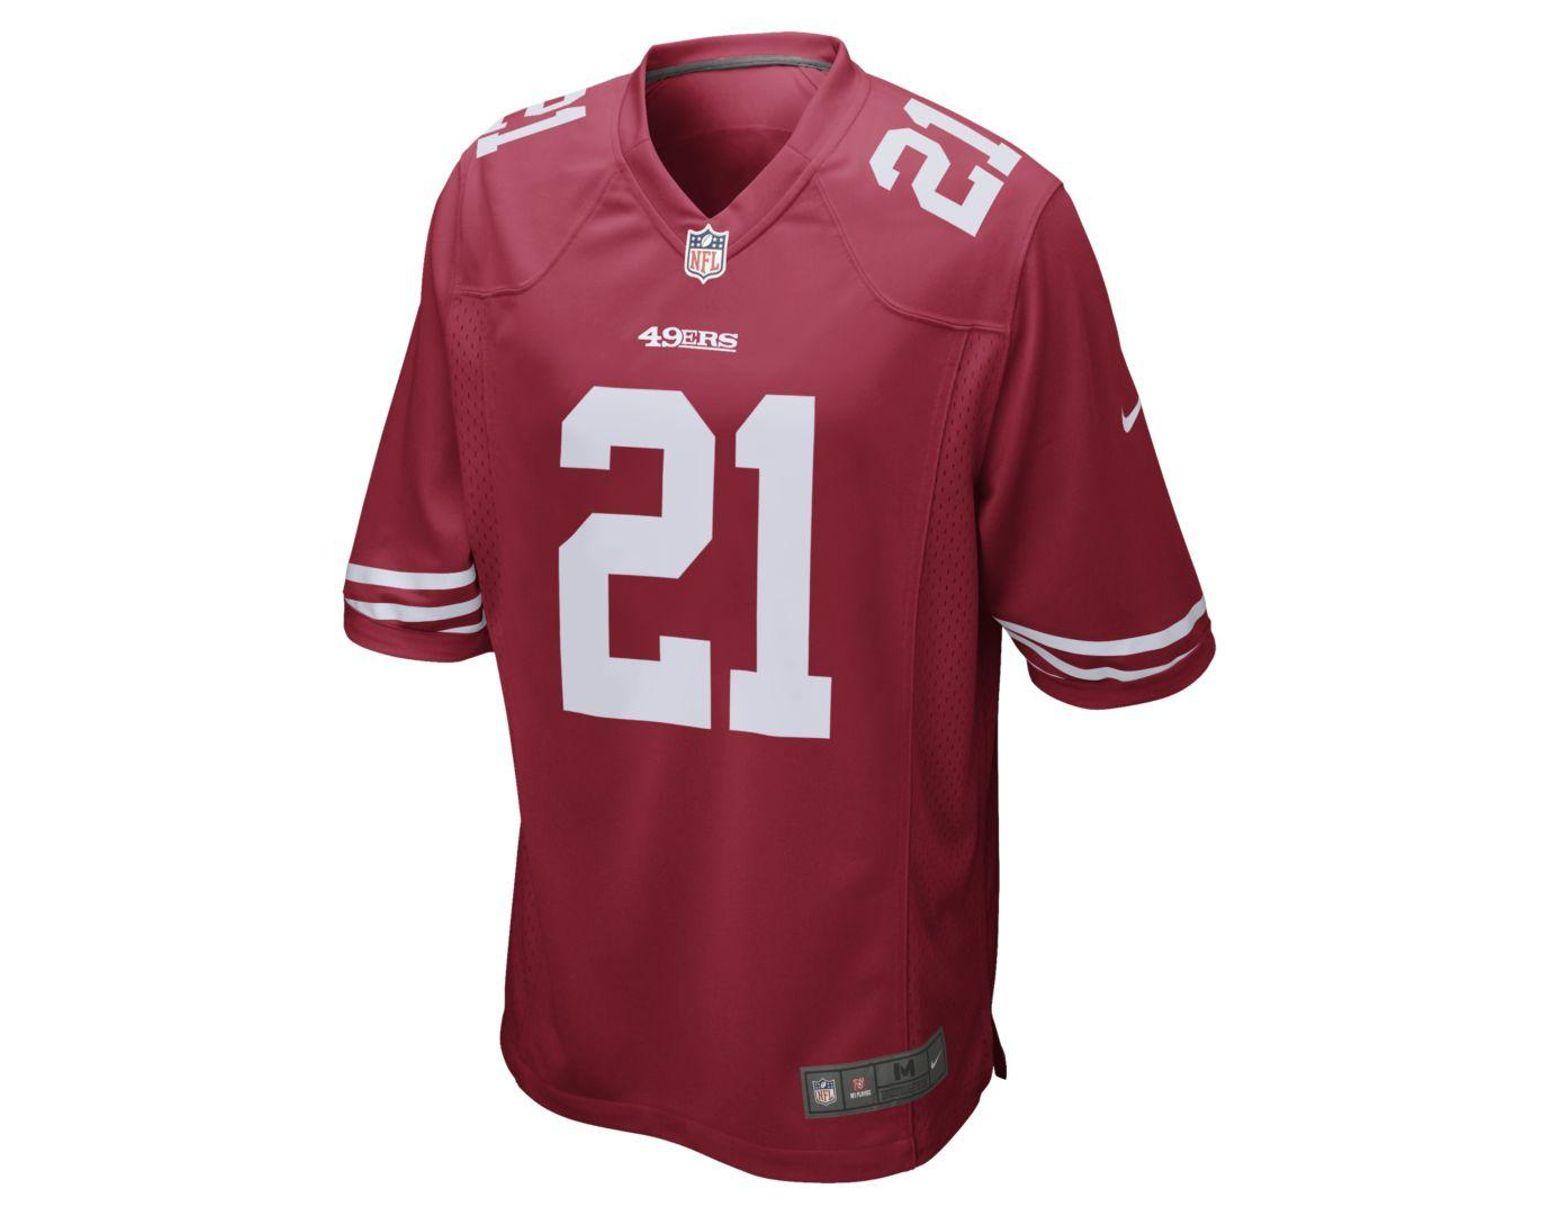 wholesale dealer efbe8 0074c Nike Nfl San Francisco 49ers Game Jersey (deion Sanders ...